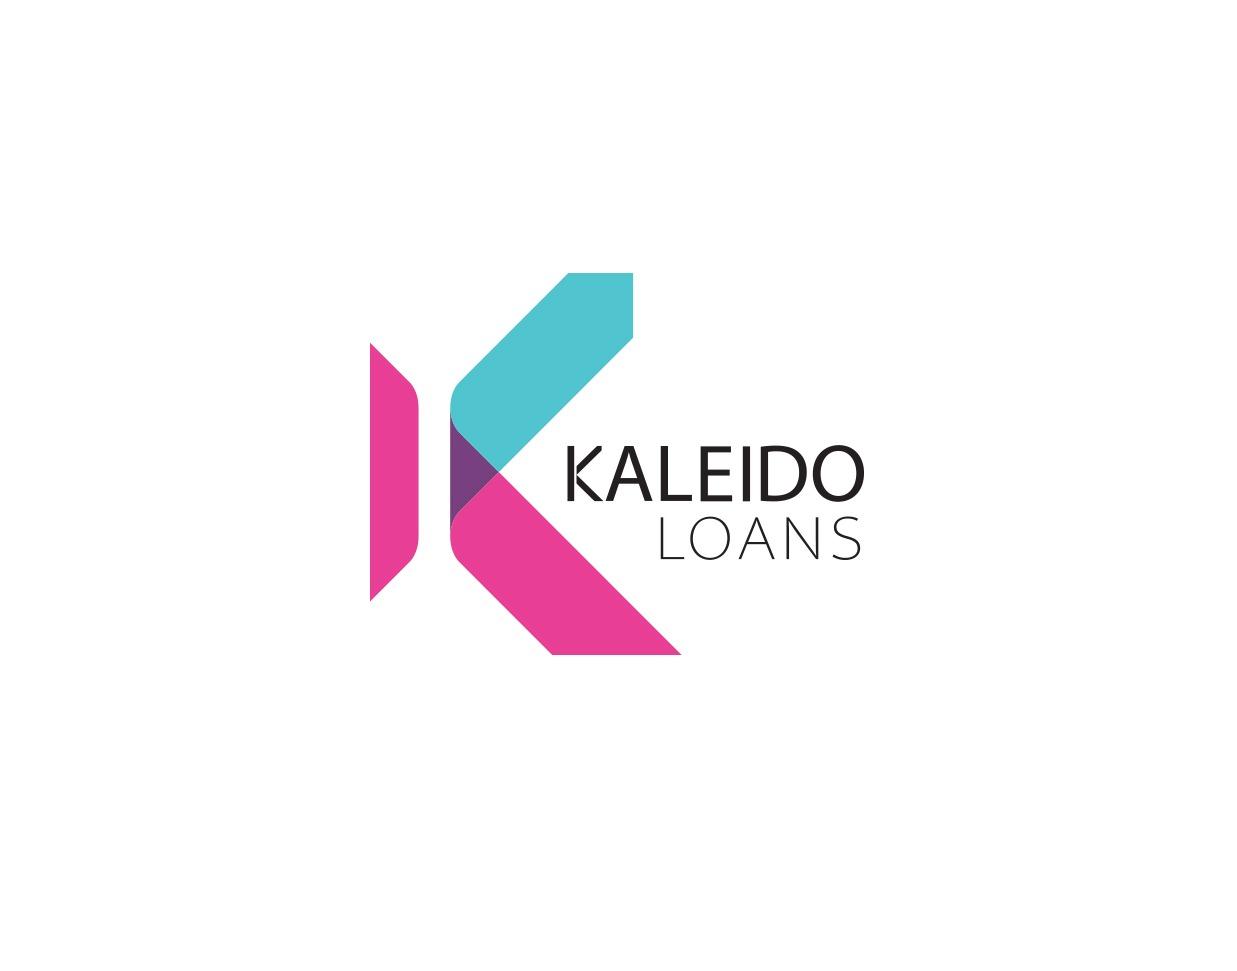 Kaleido Loans